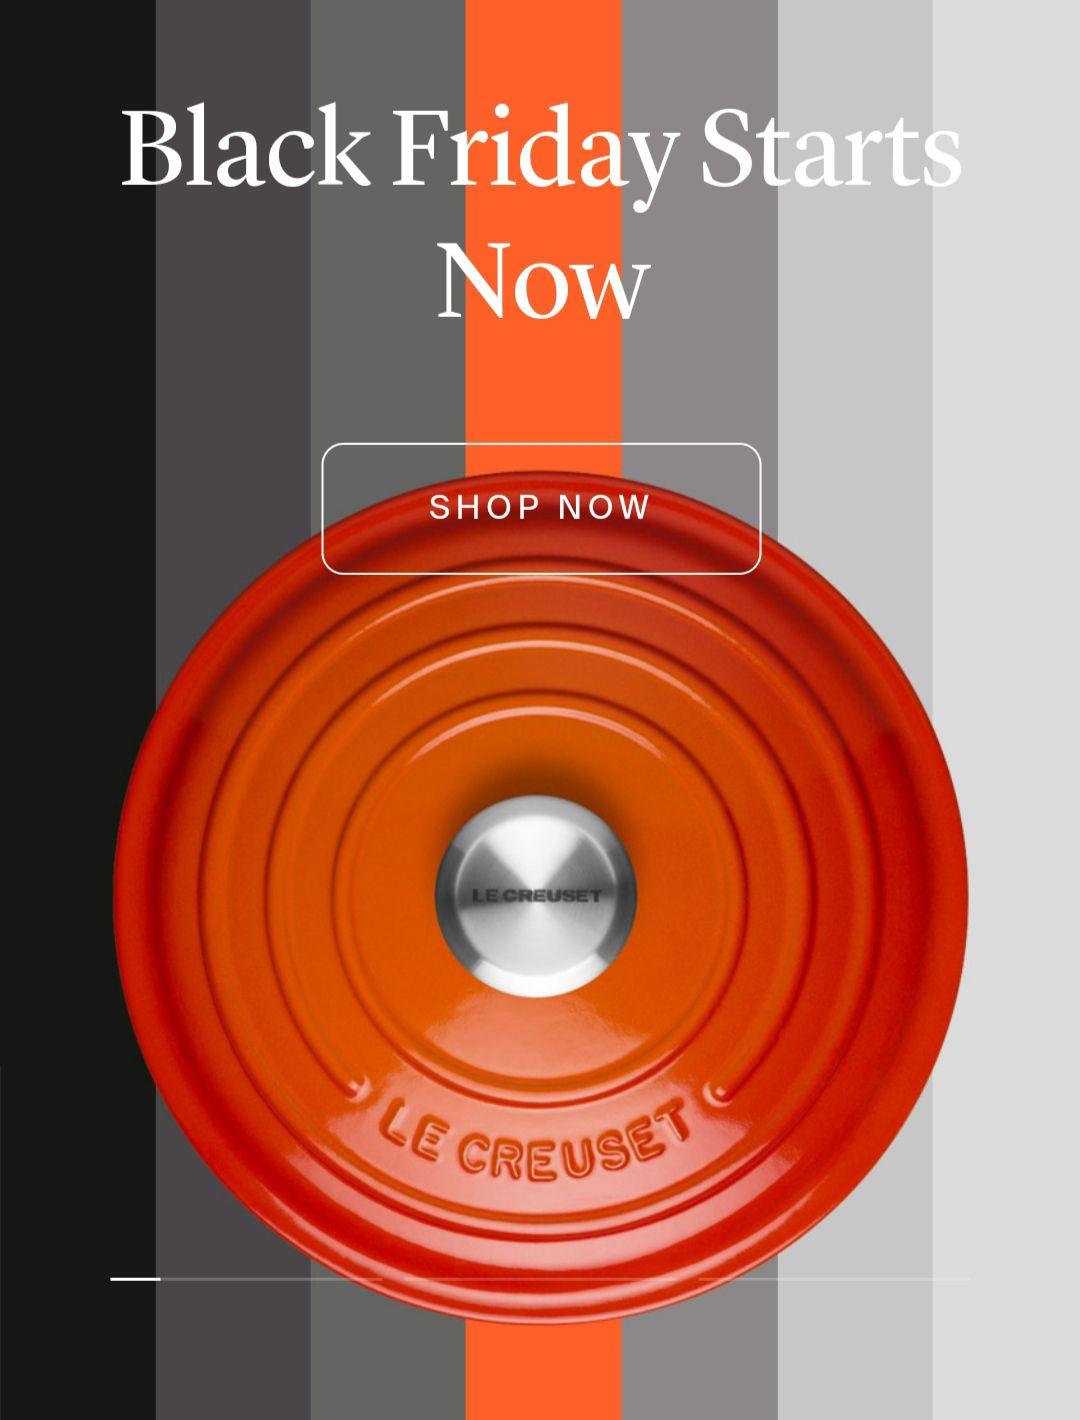 Black Friday Offers e.g 28cm/6.7l Cast Iron Casserole Collection £174 @ Le Creuset